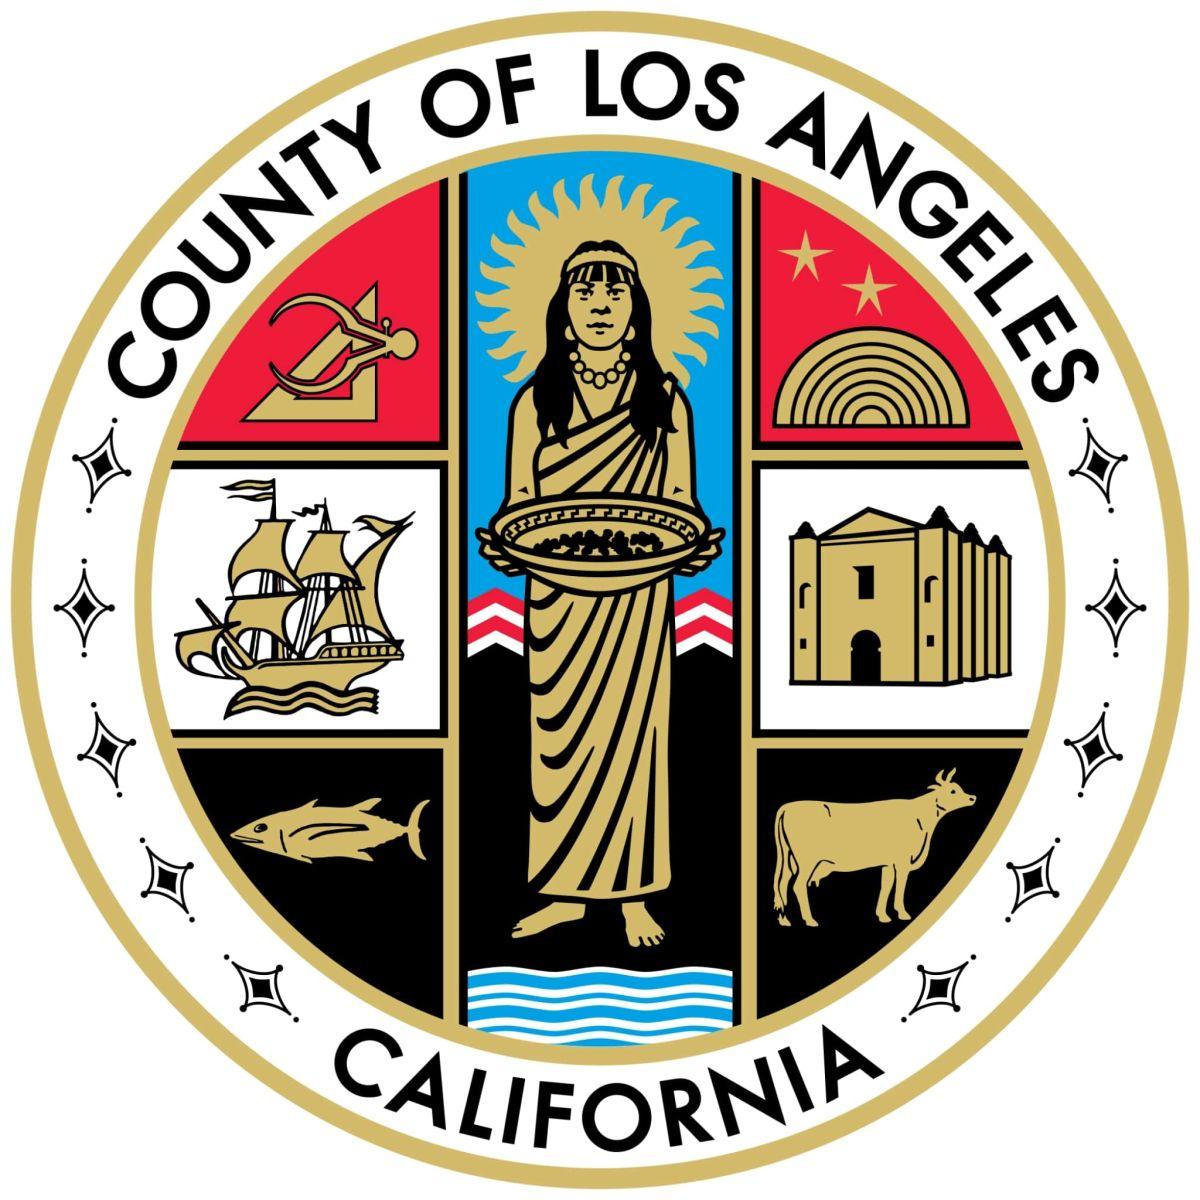 Sello del Condado de Los Ángeles